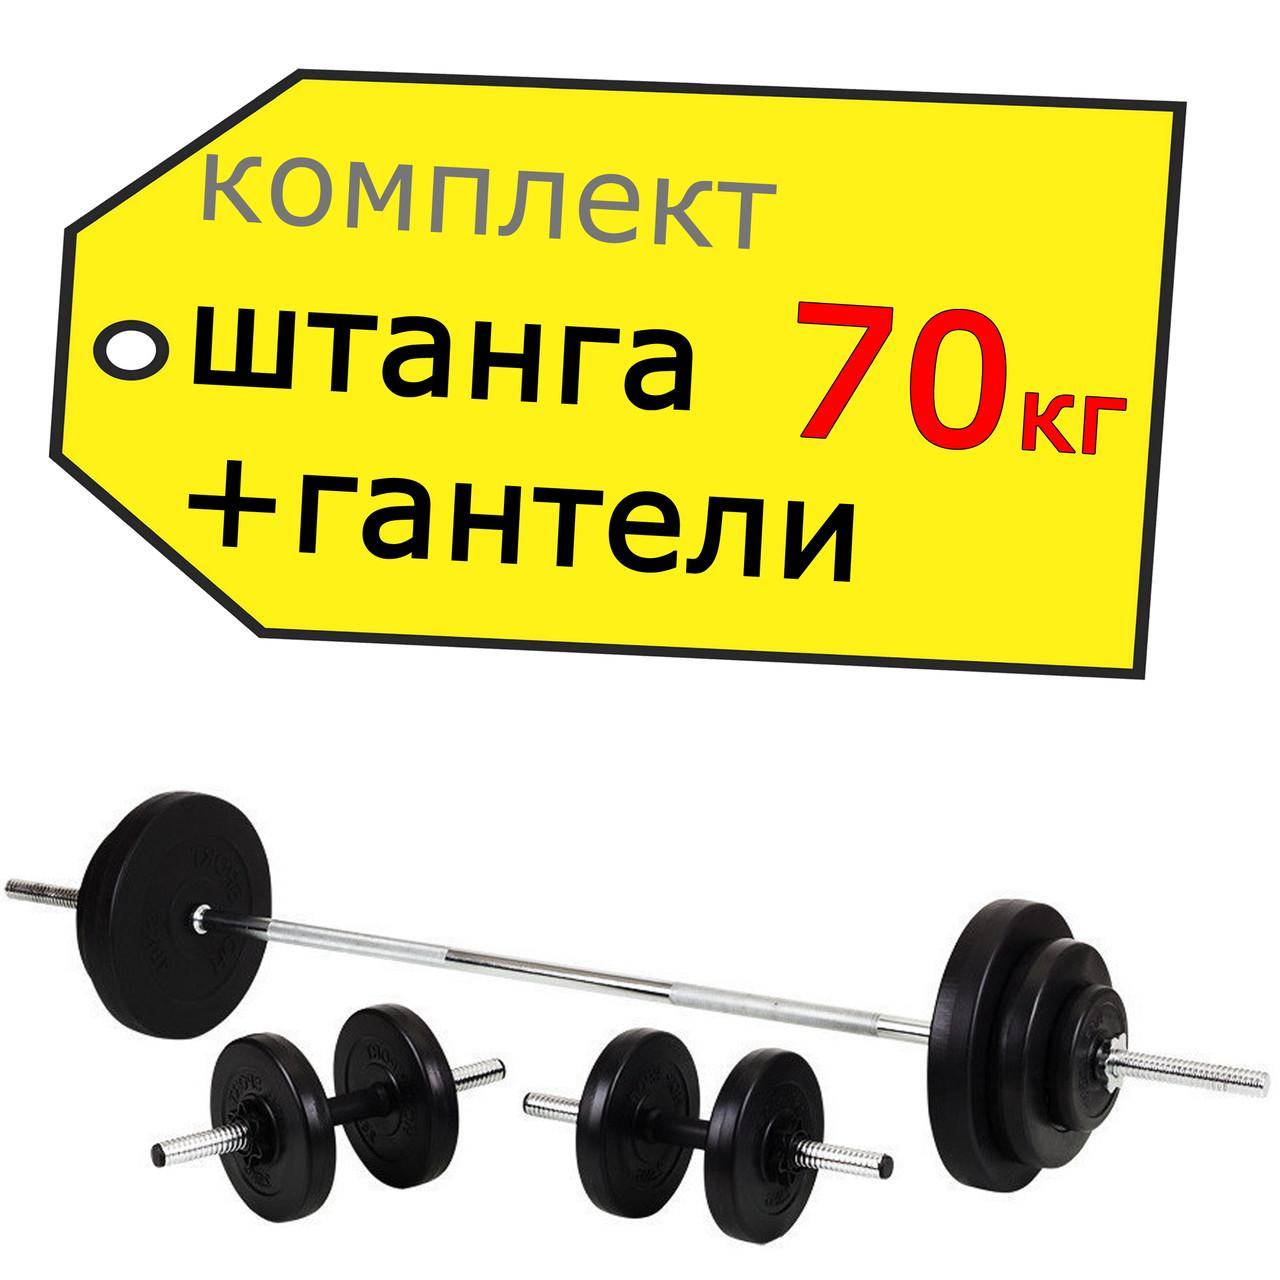 Гантели 2*21 кг разборные + Штанга 70 кг прямая фиксированная (комплект гантелі розбірні + пряма штанга)